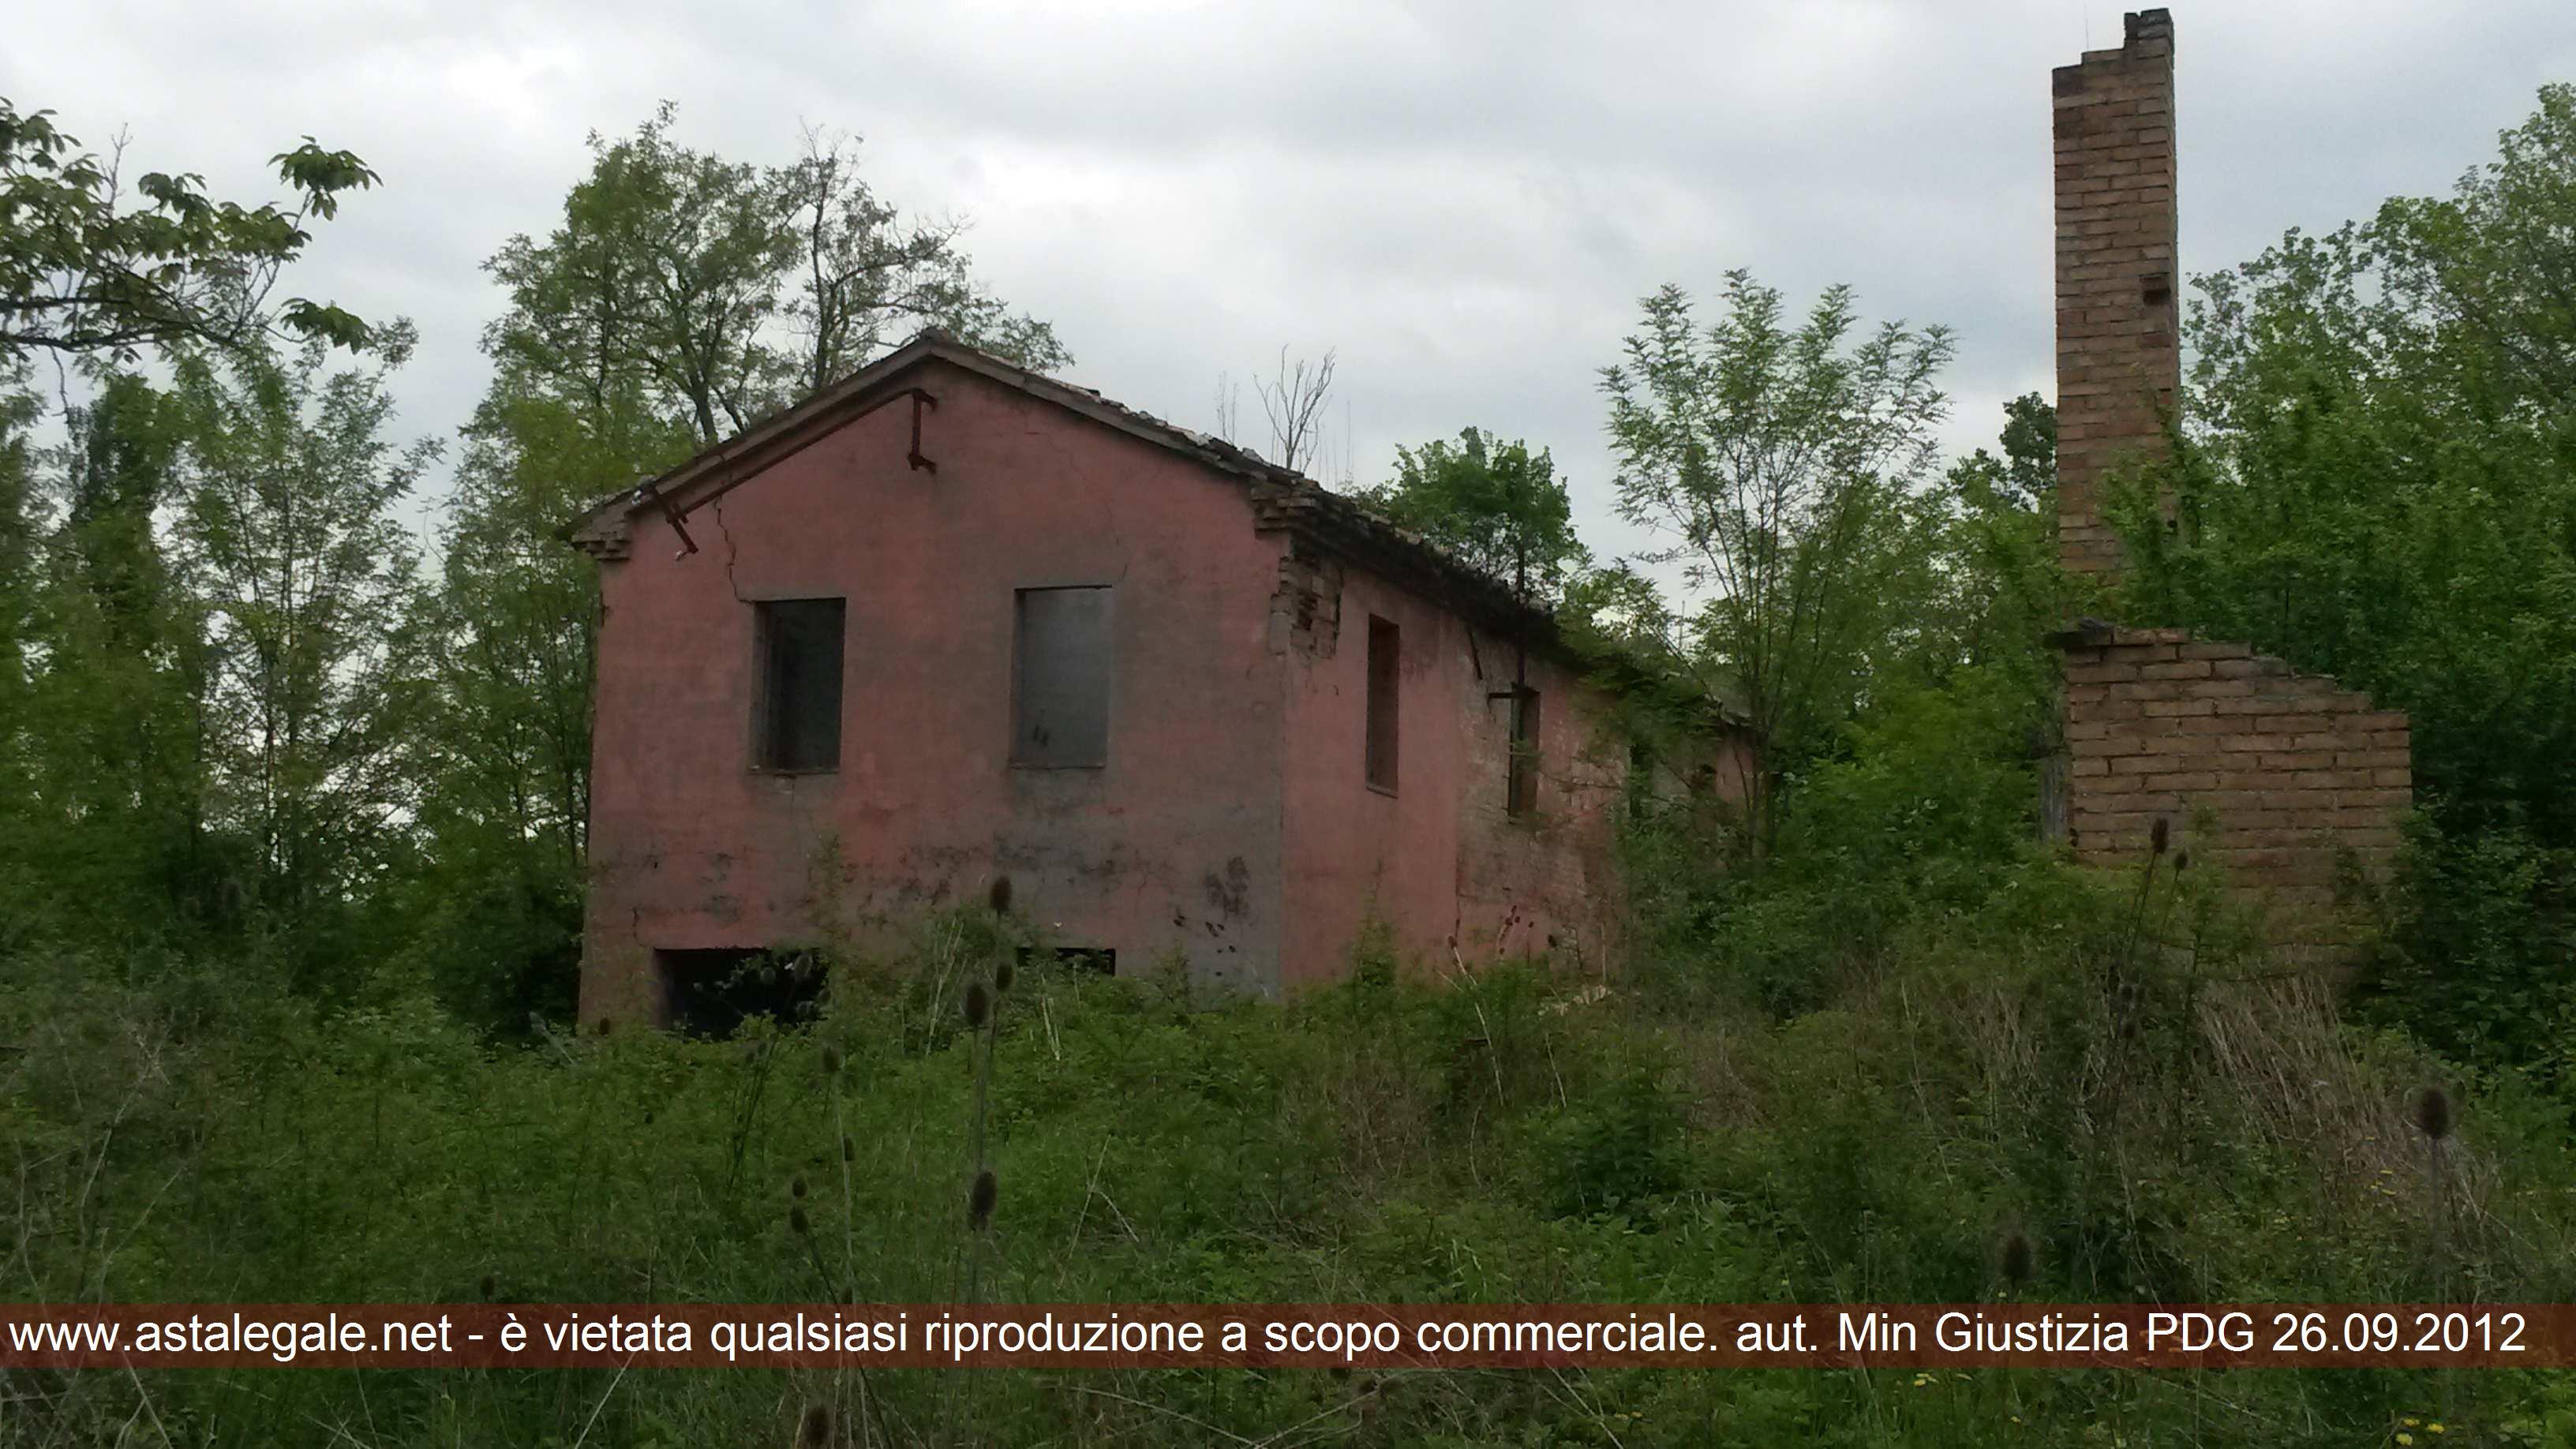 Pergola (PU) Strada Com. Serralta - Fraz. Serralta - Via Cuppio snc